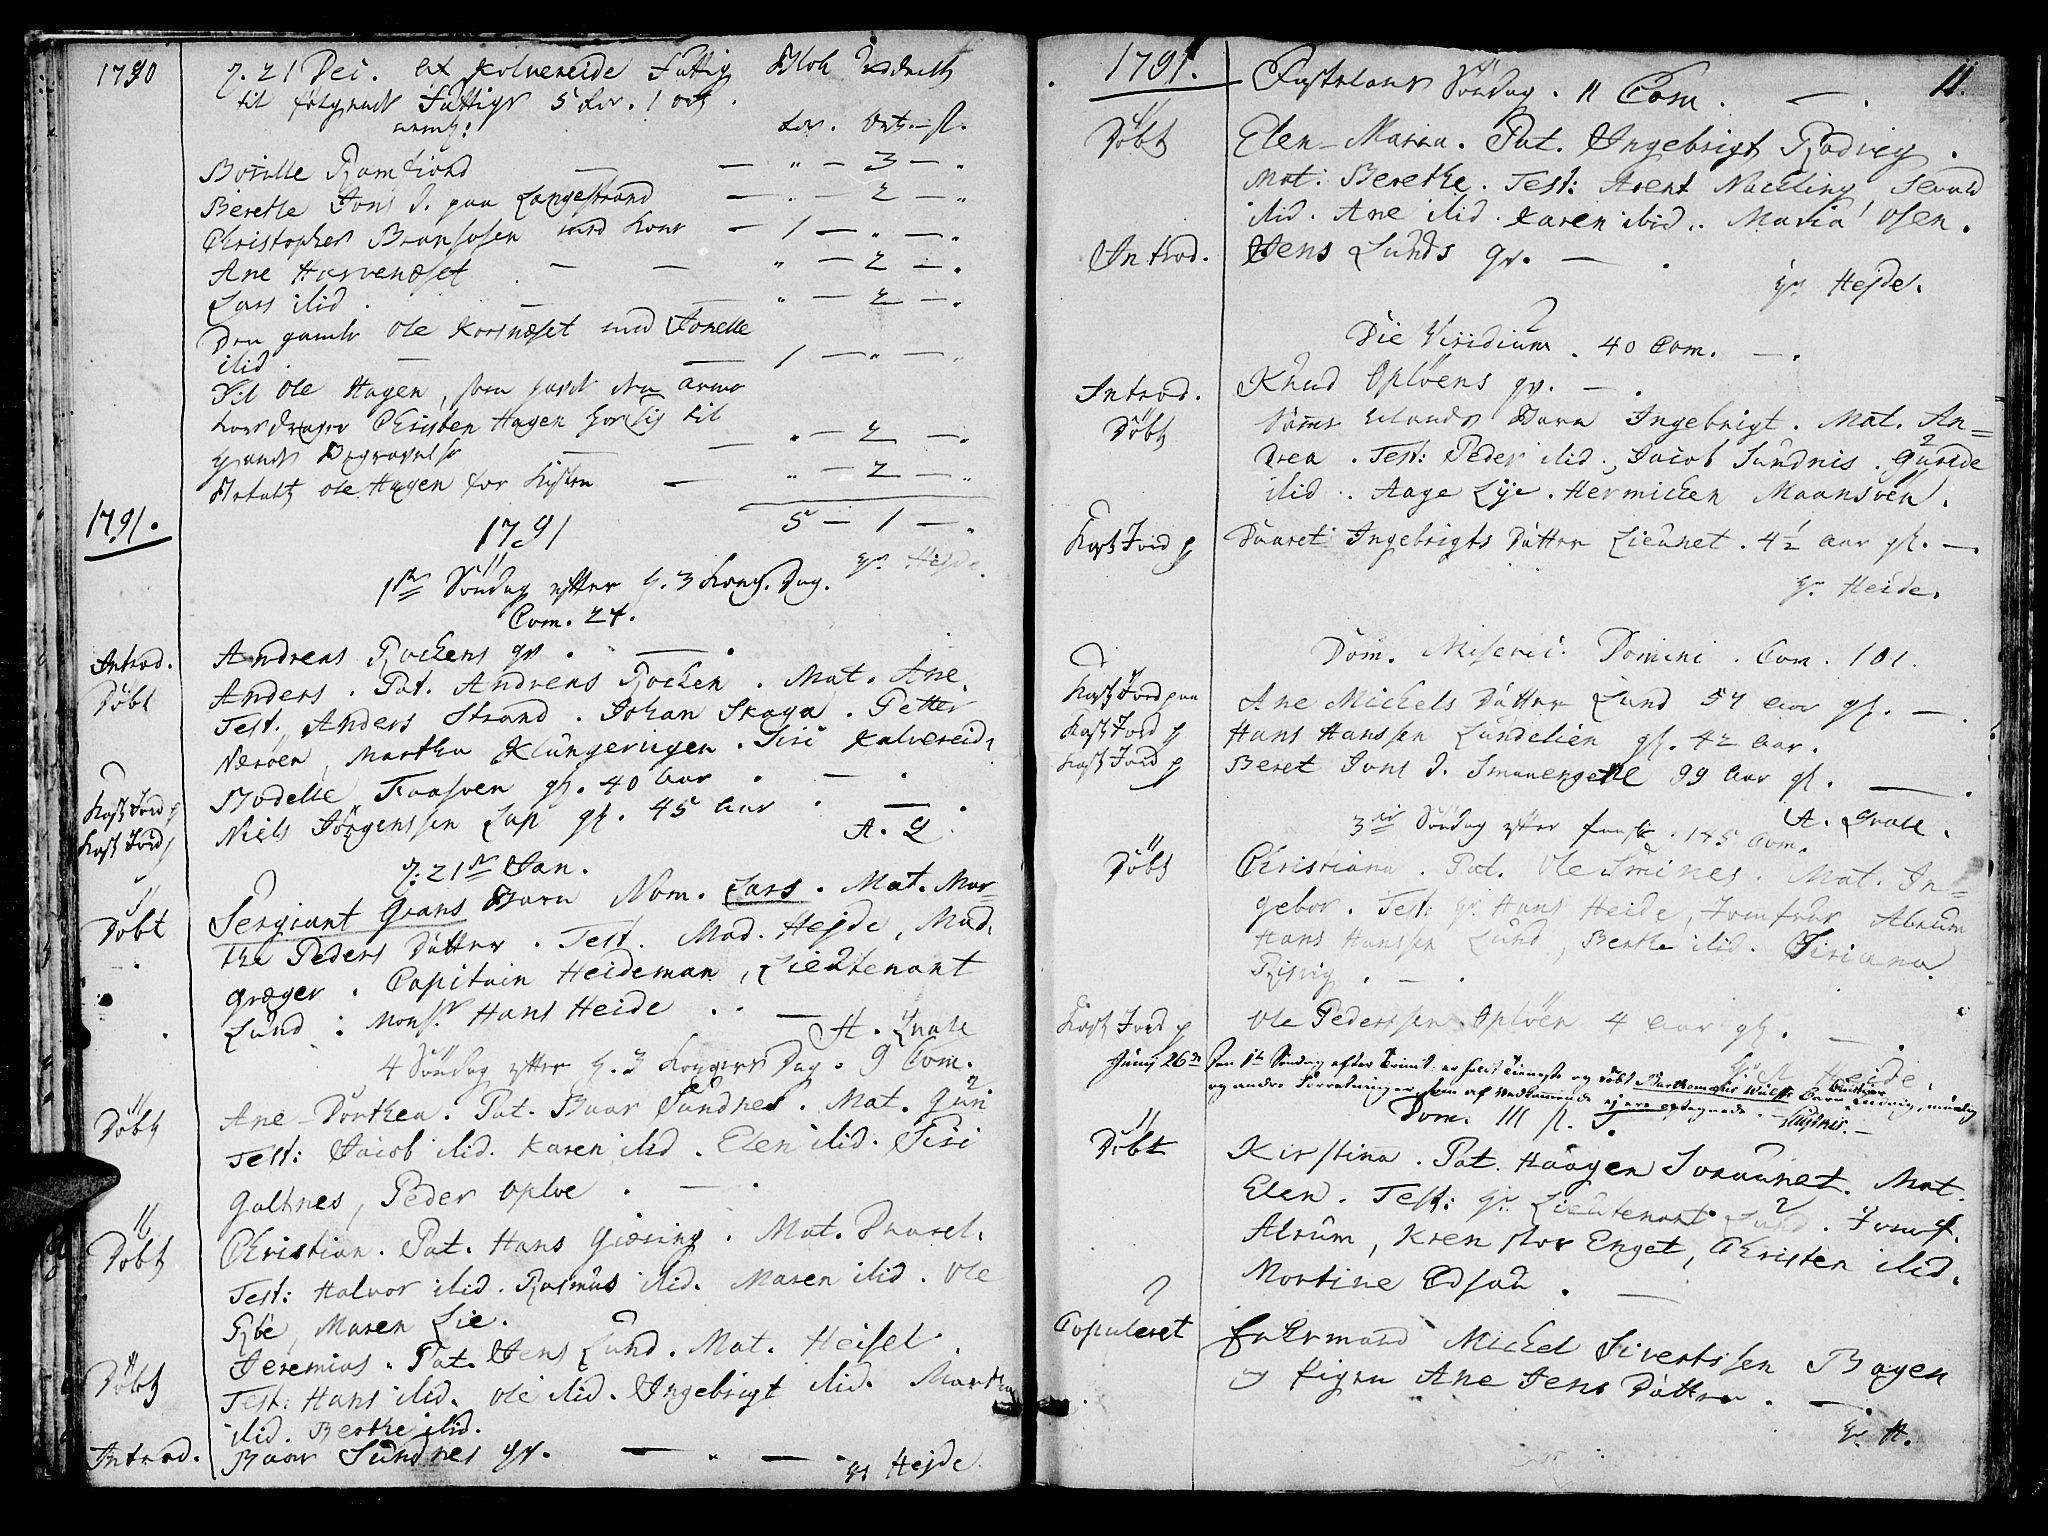 SAT, Ministerialprotokoller, klokkerbøker og fødselsregistre - Nord-Trøndelag, 780/L0633: Ministerialbok nr. 780A02 /1, 1787-1814, s. 11